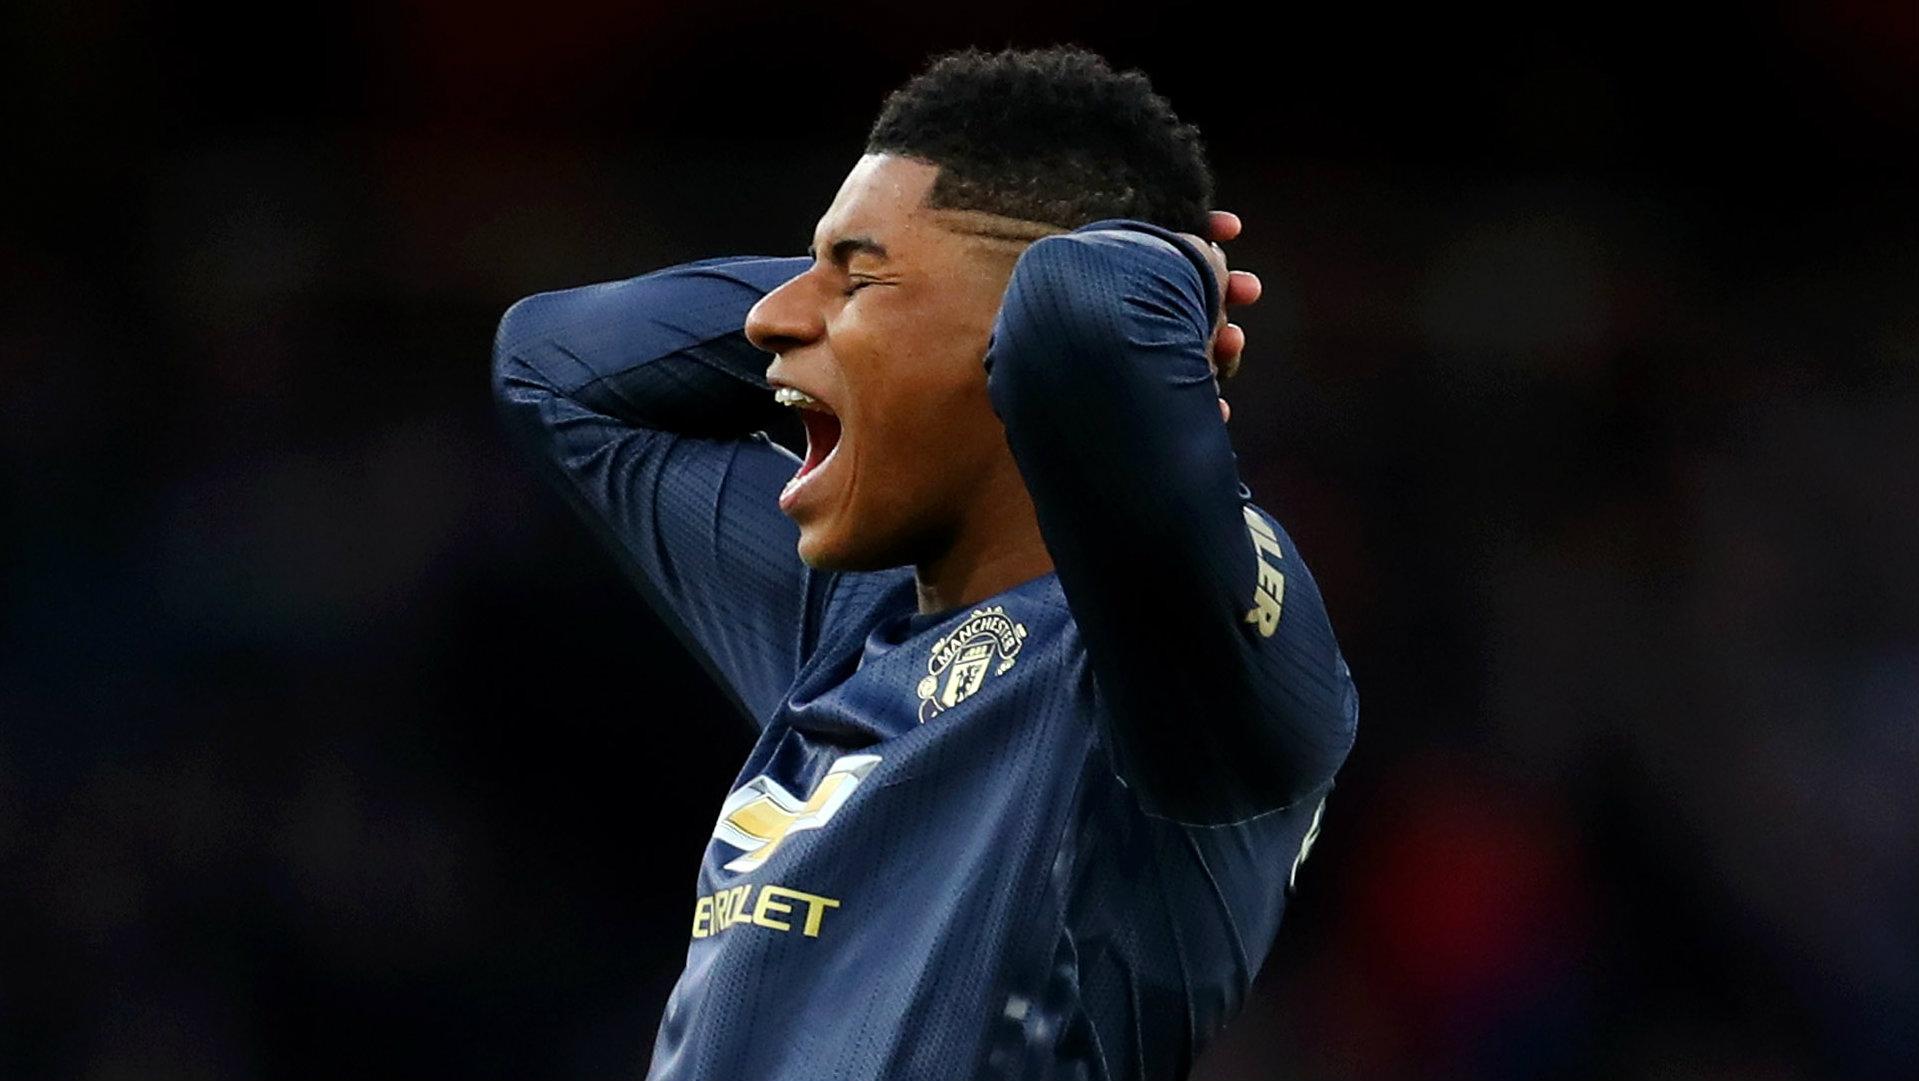 Marcus Rashford Arsenal vs Man Utd 2018-19